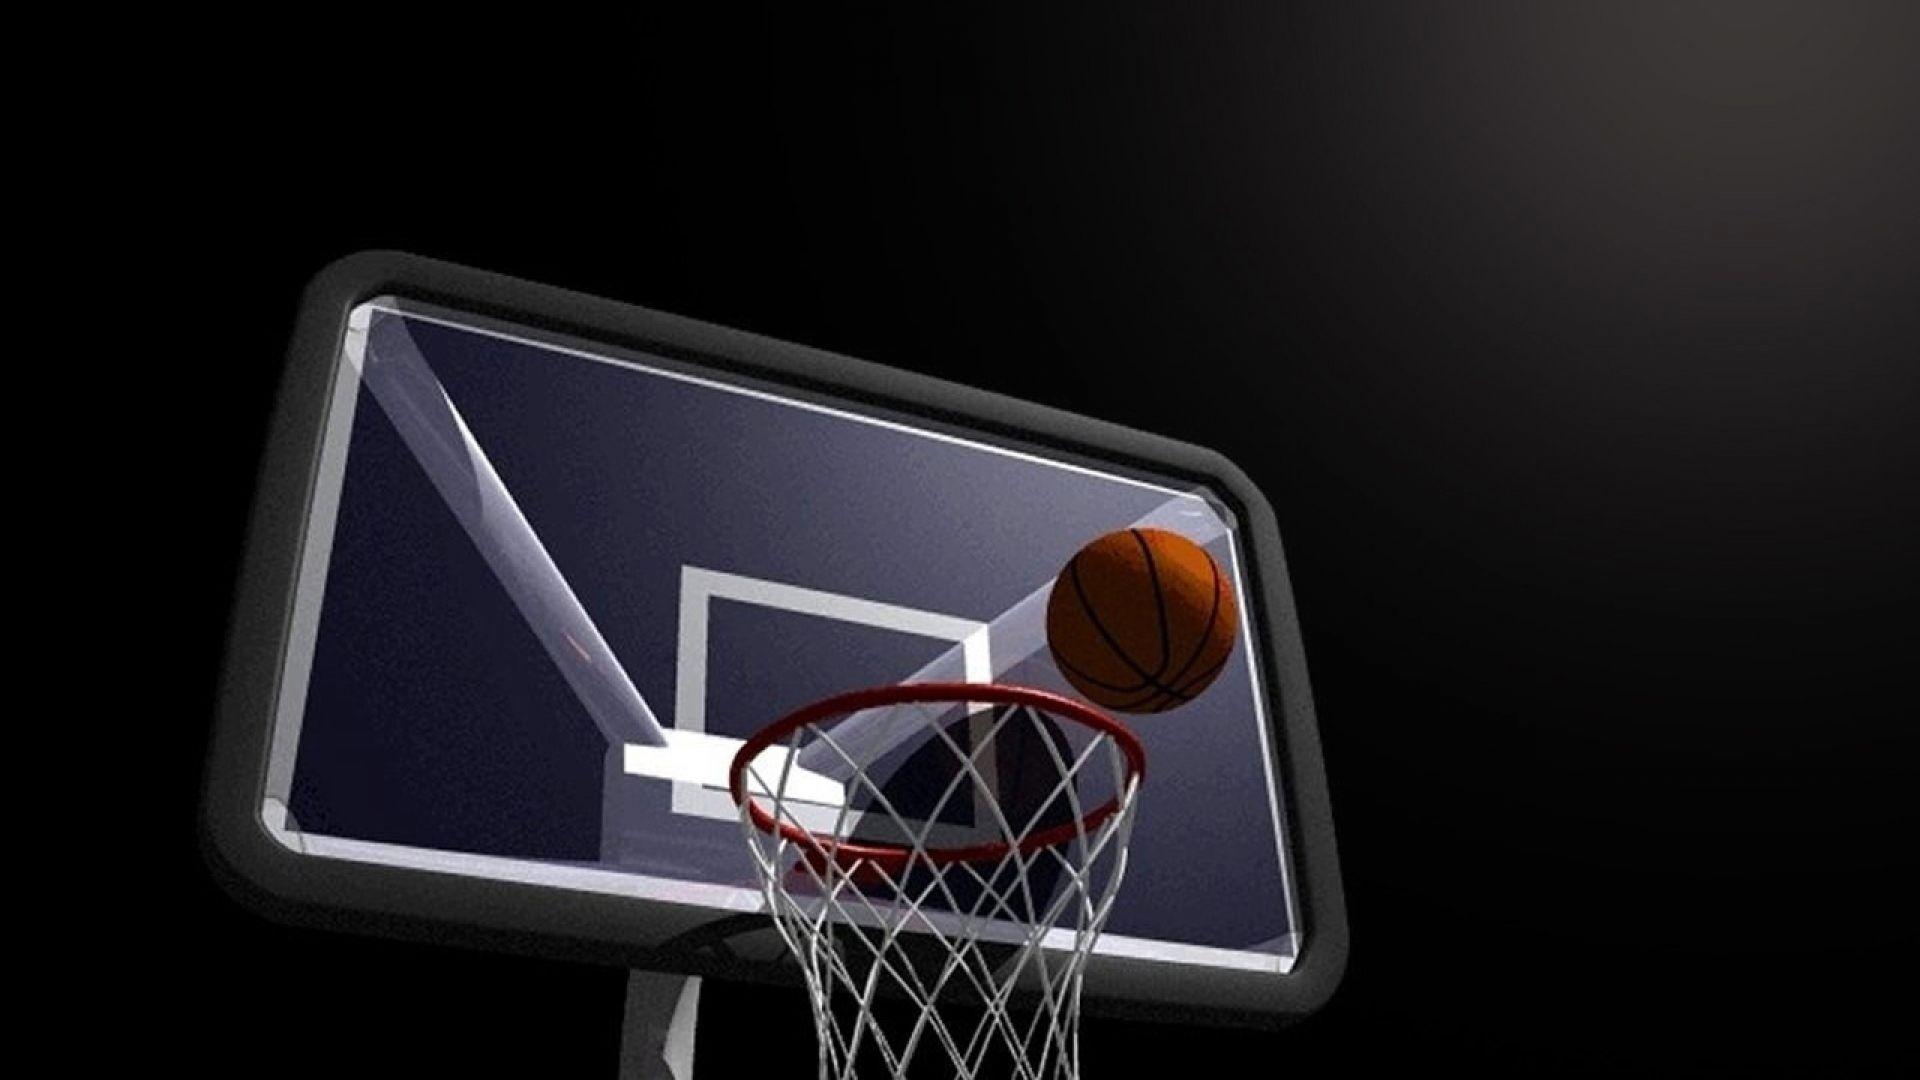 basketball player wallpaper